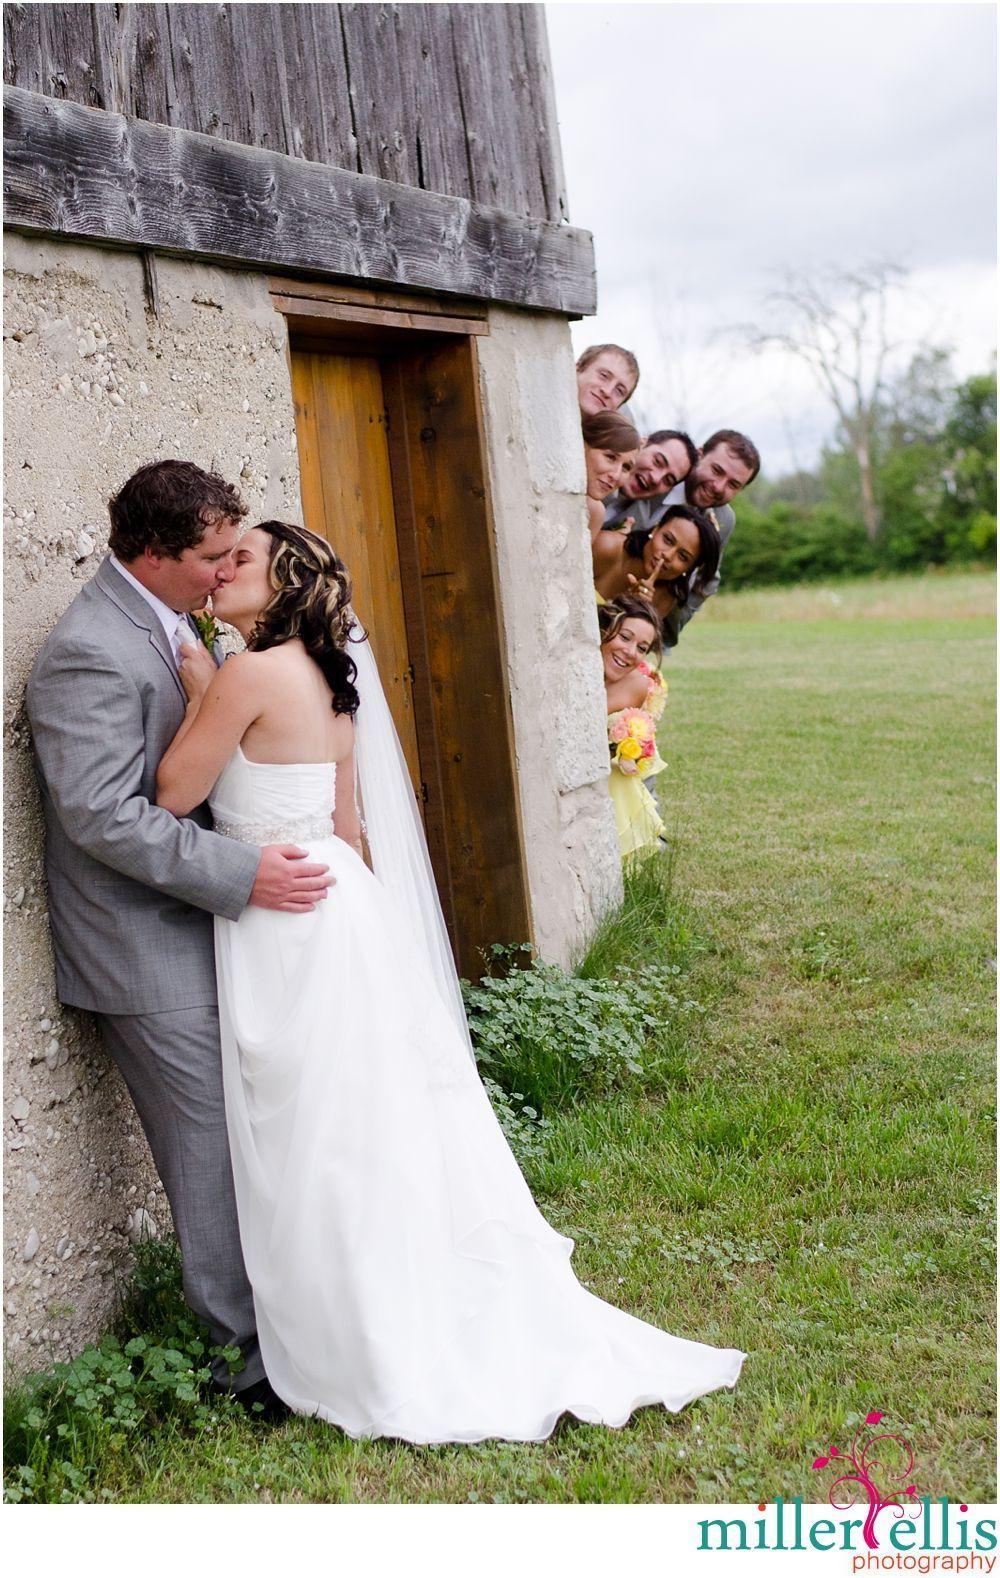 Cute jaja yo quiero una asi fotografia de casamientos